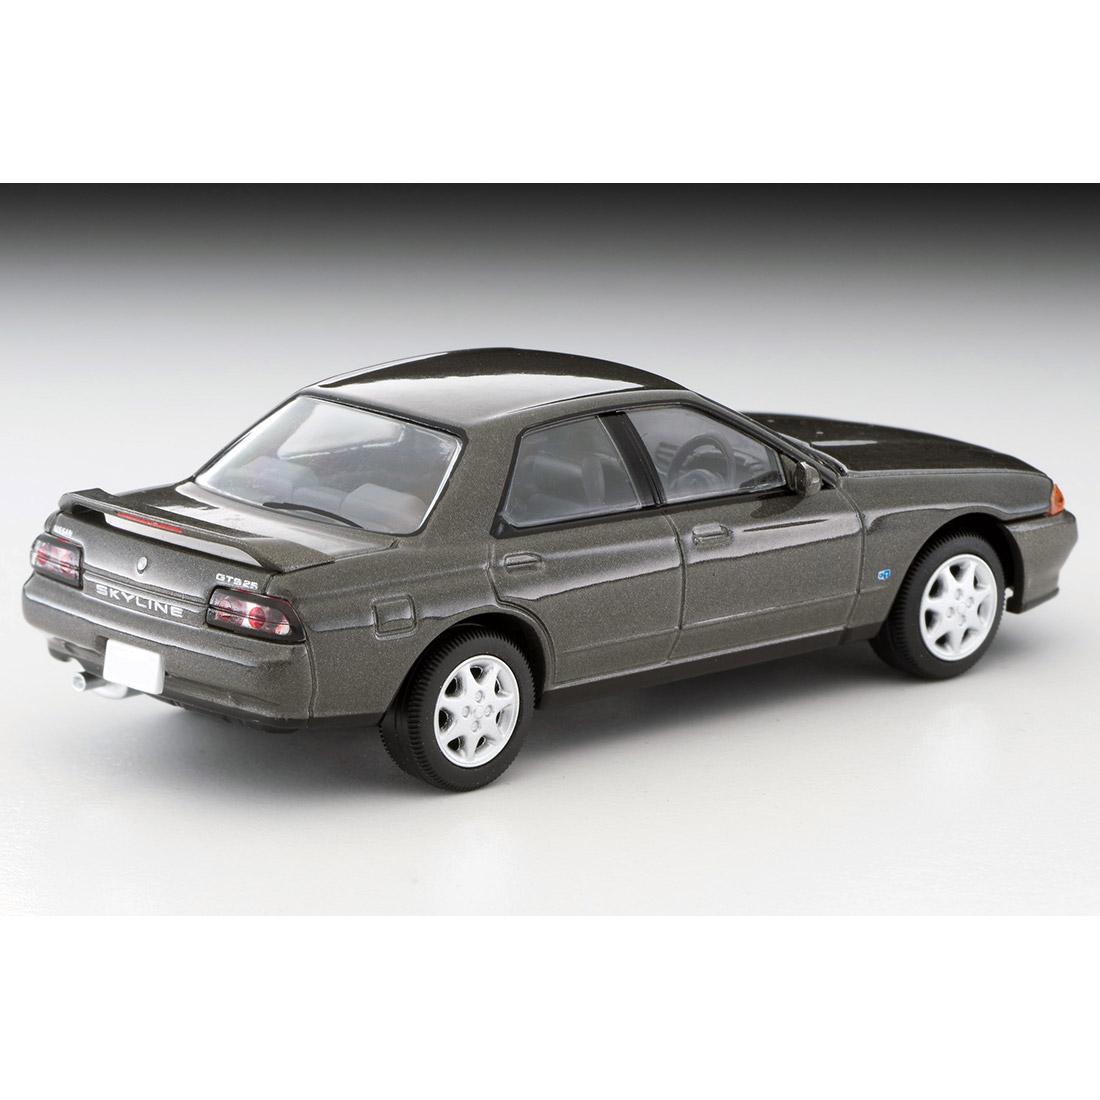 トミカリミテッドヴィンテージ ネオ『LV-N194a 日産スカイライン GTS25 タイプX・G (グレー)』ミニカー-003